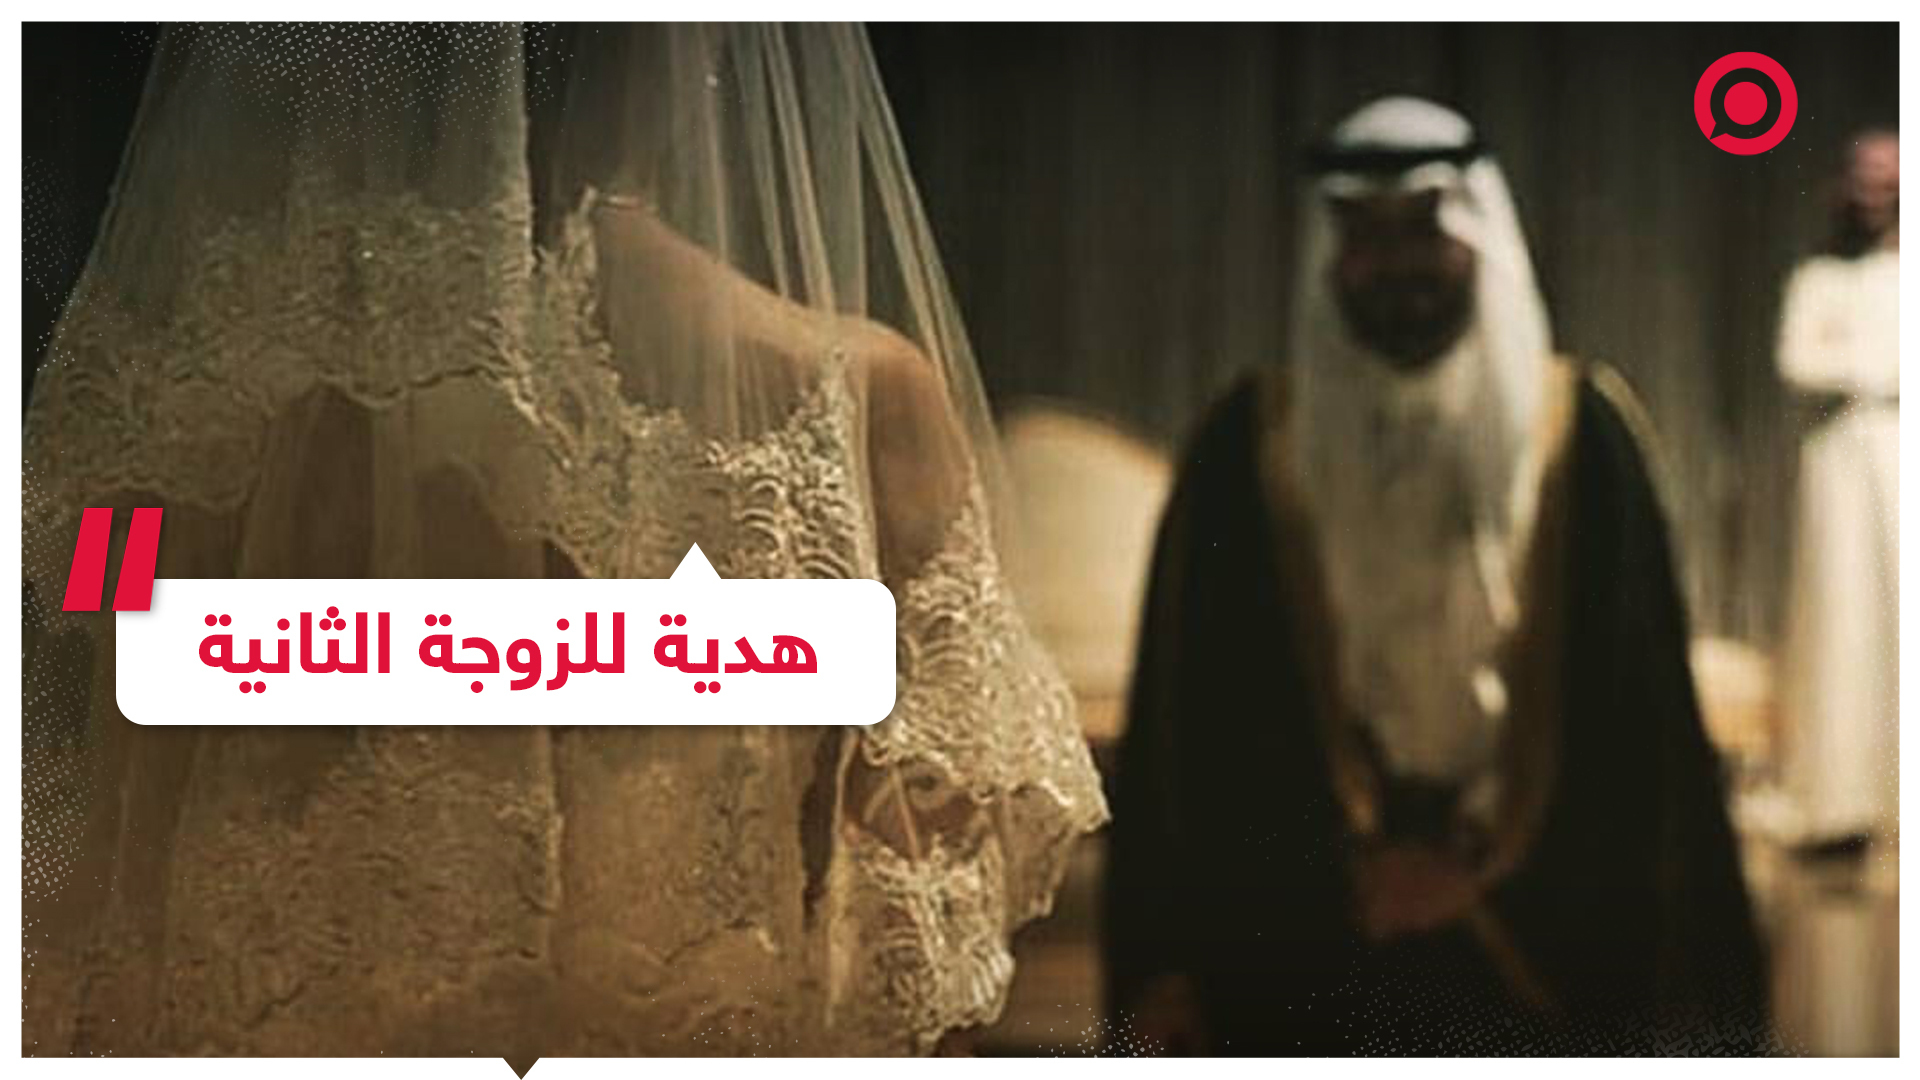 سعودية تحتفل بعقد قران زوجها على امرأة ثانية